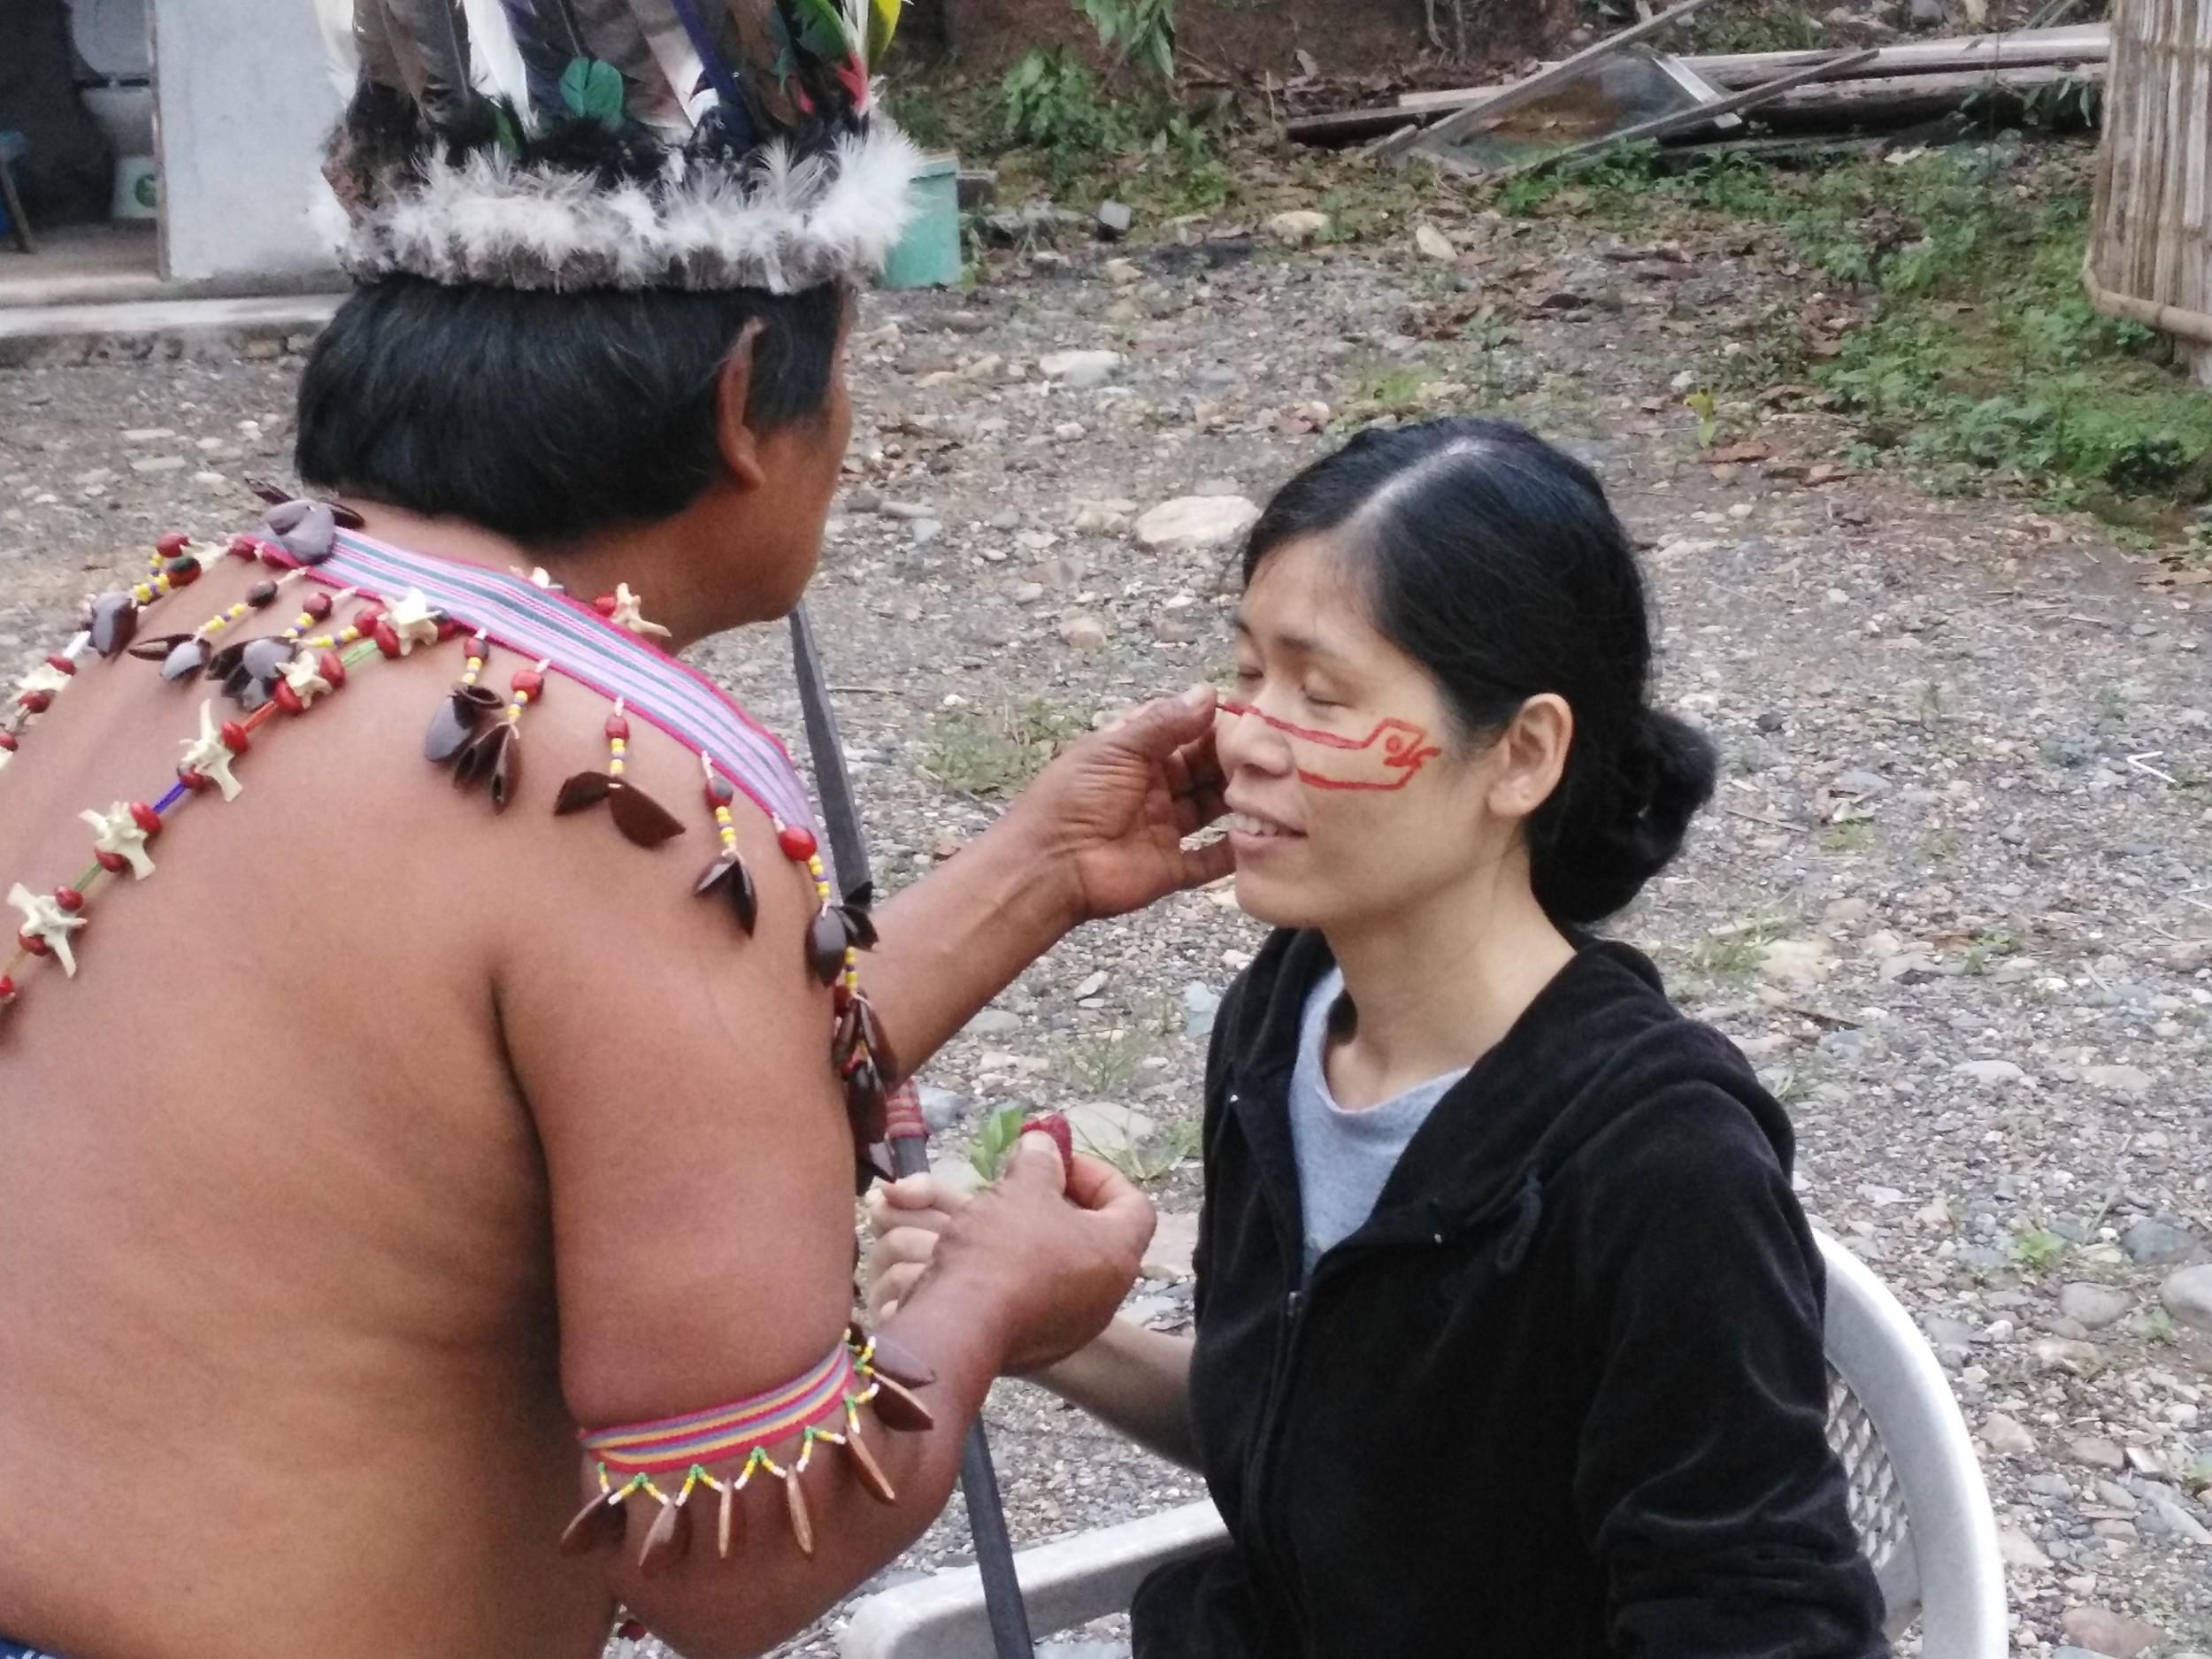 Ayahuasca ceremonial preparation